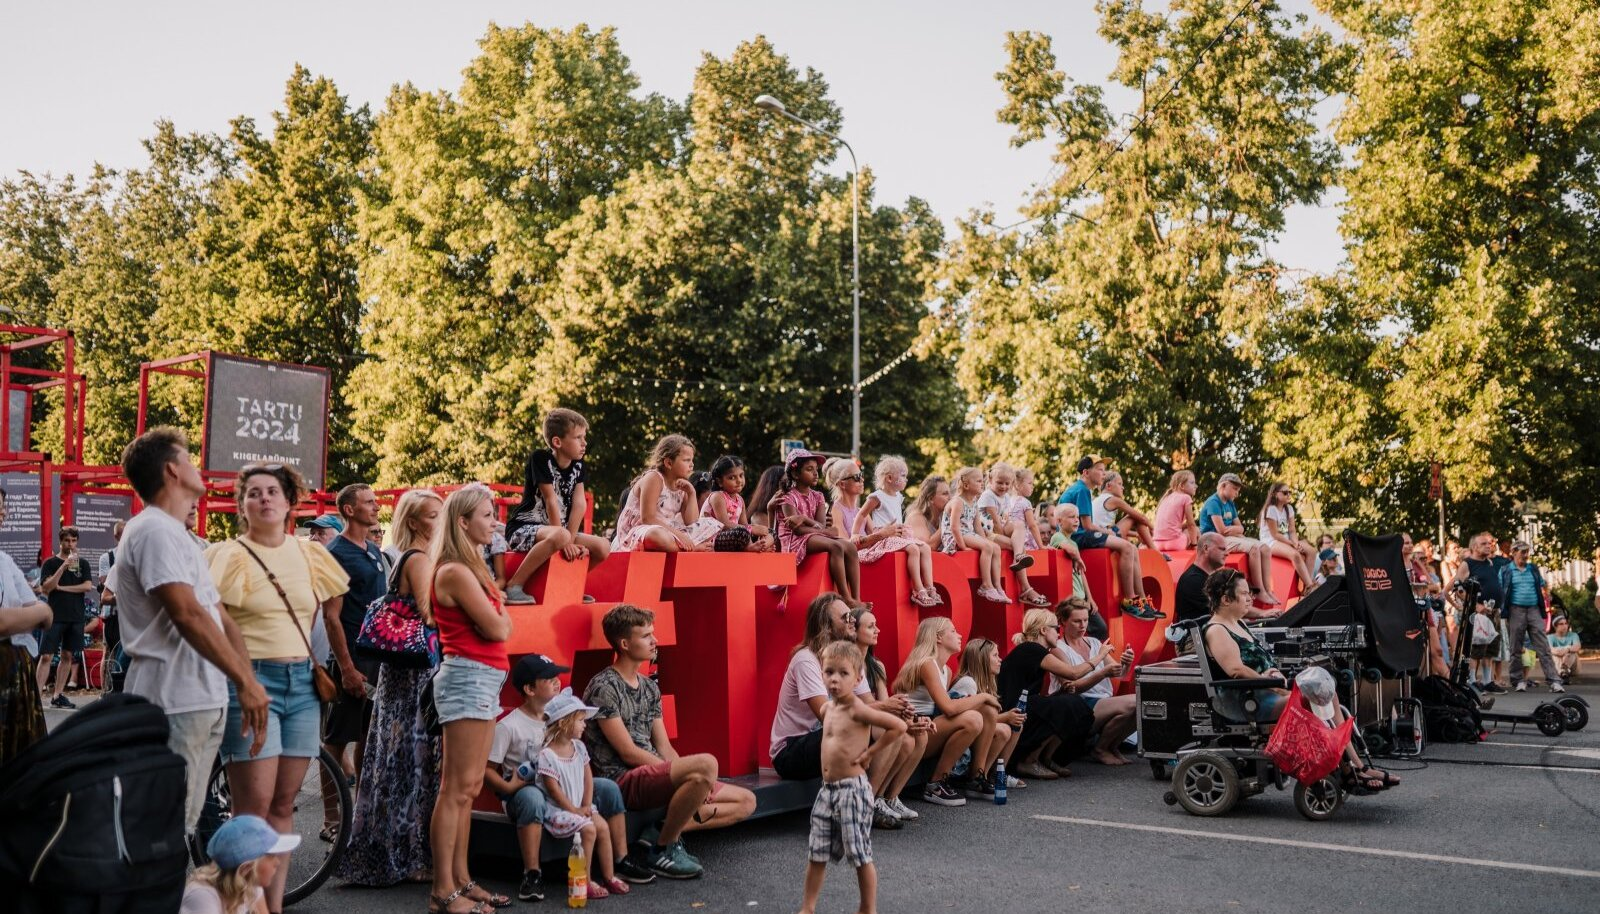 Tartu Autovabaduse Puiestee 2021